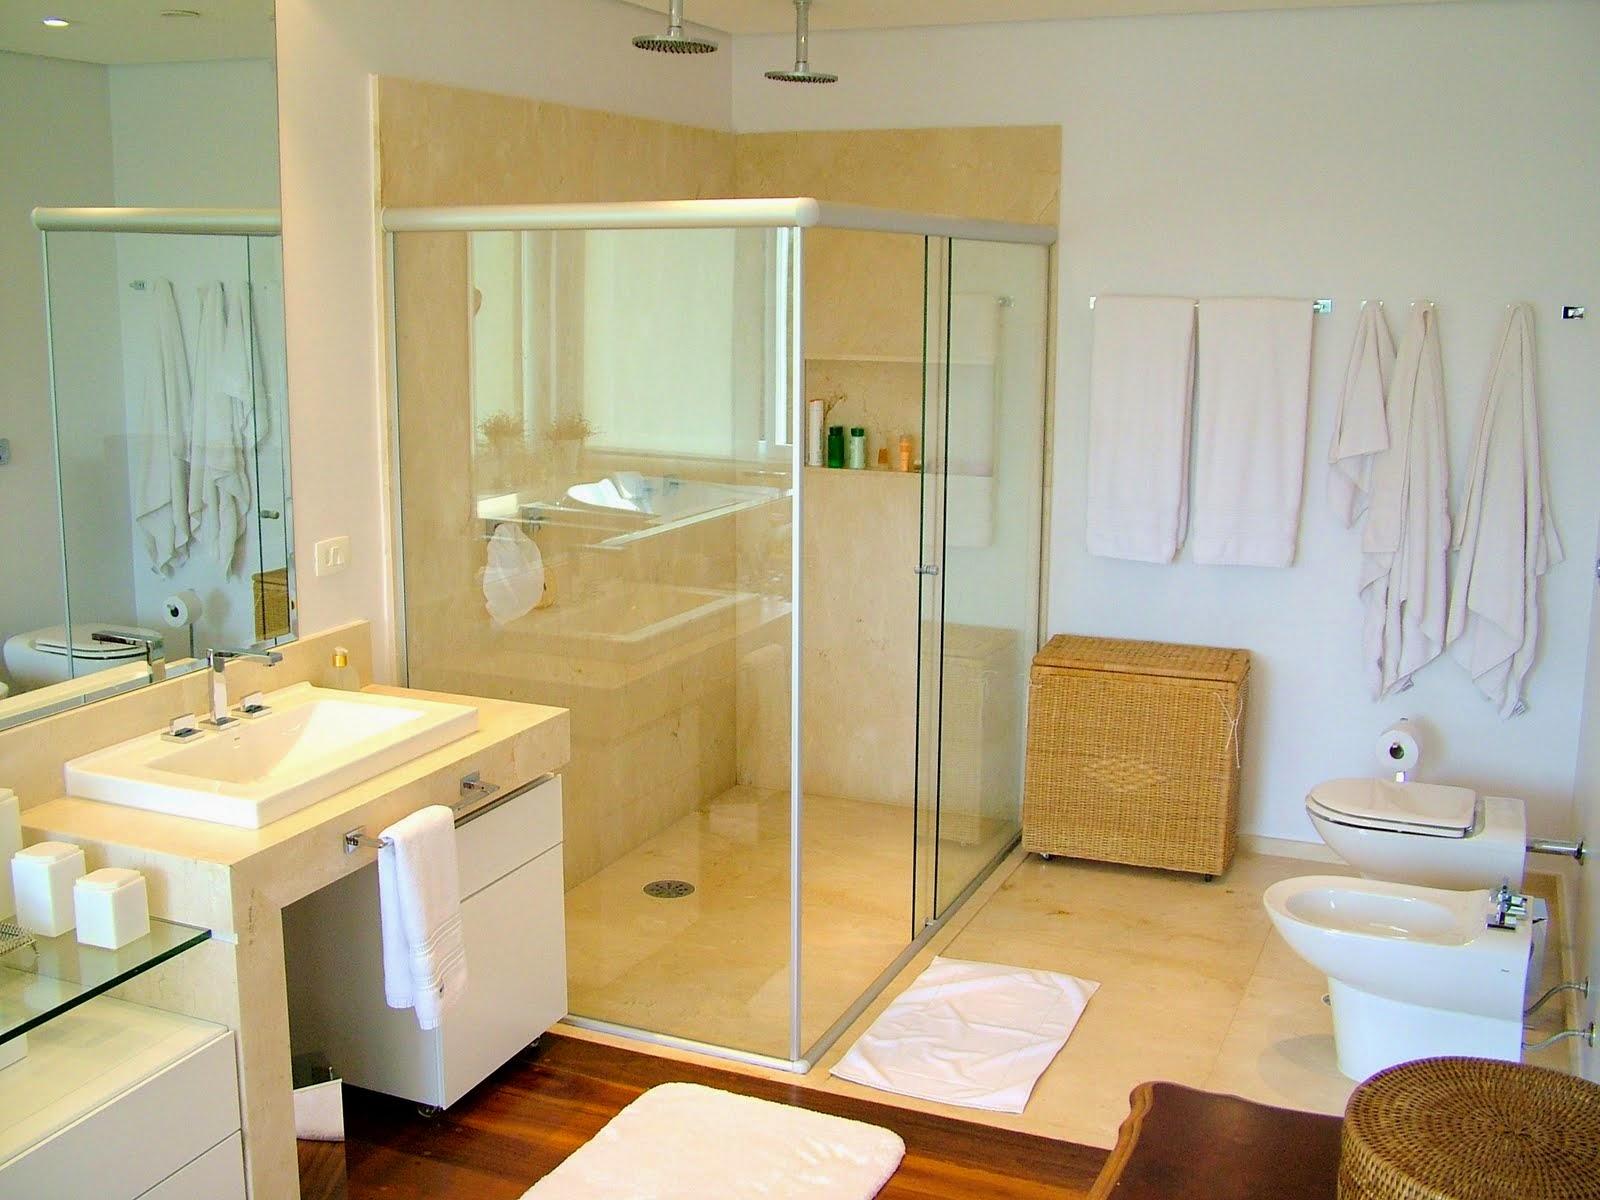 decoracao de banheiros pequenos com box box para banheiro  #703D17 1600x1200 Banheiro Container Rj